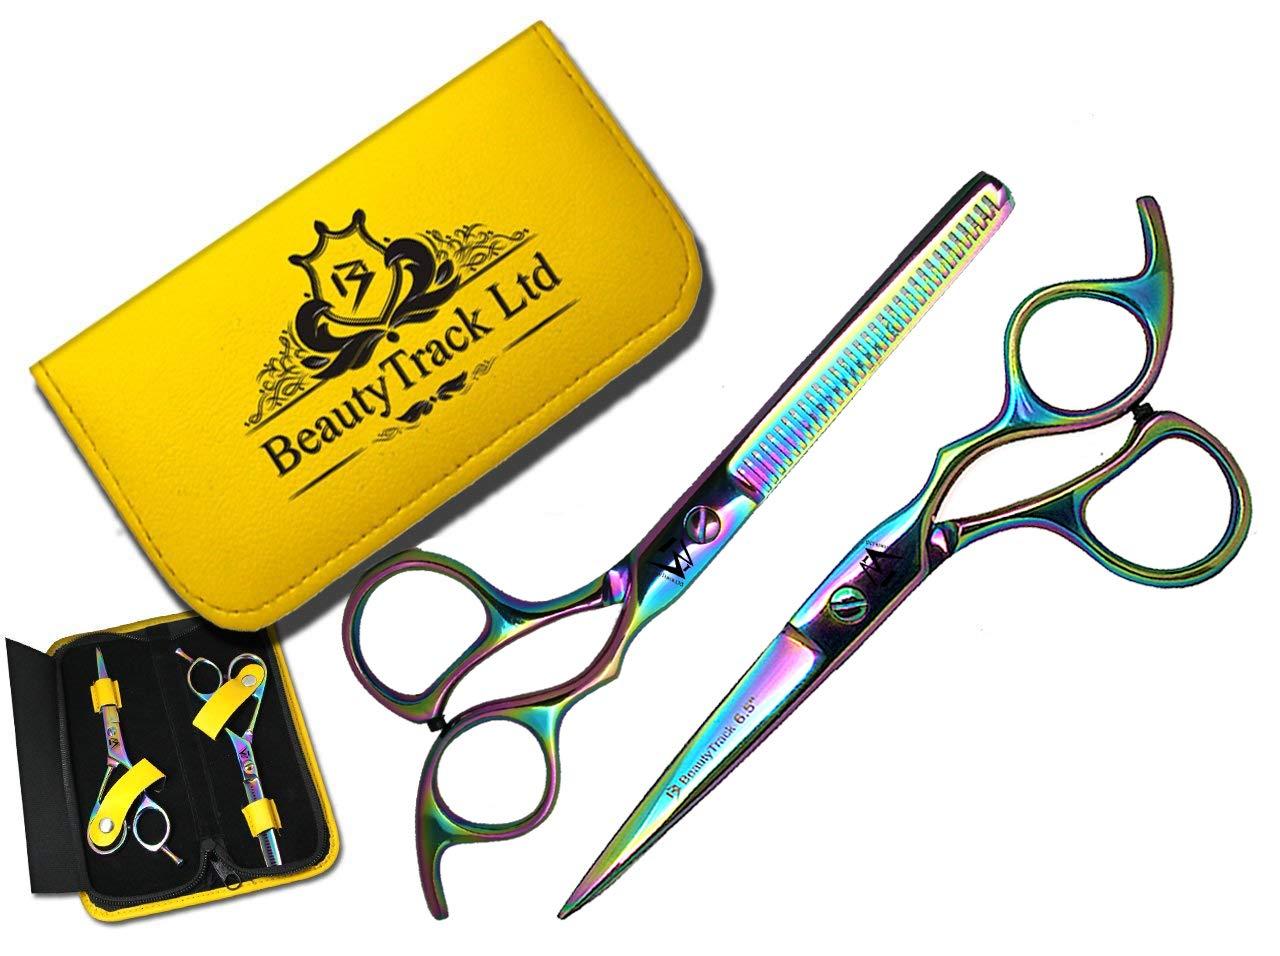 Profesional tijeras de peluquería Peluquería corte de pelo tijeras de peluquería adelgazamiento 5.5 BeautyTrack